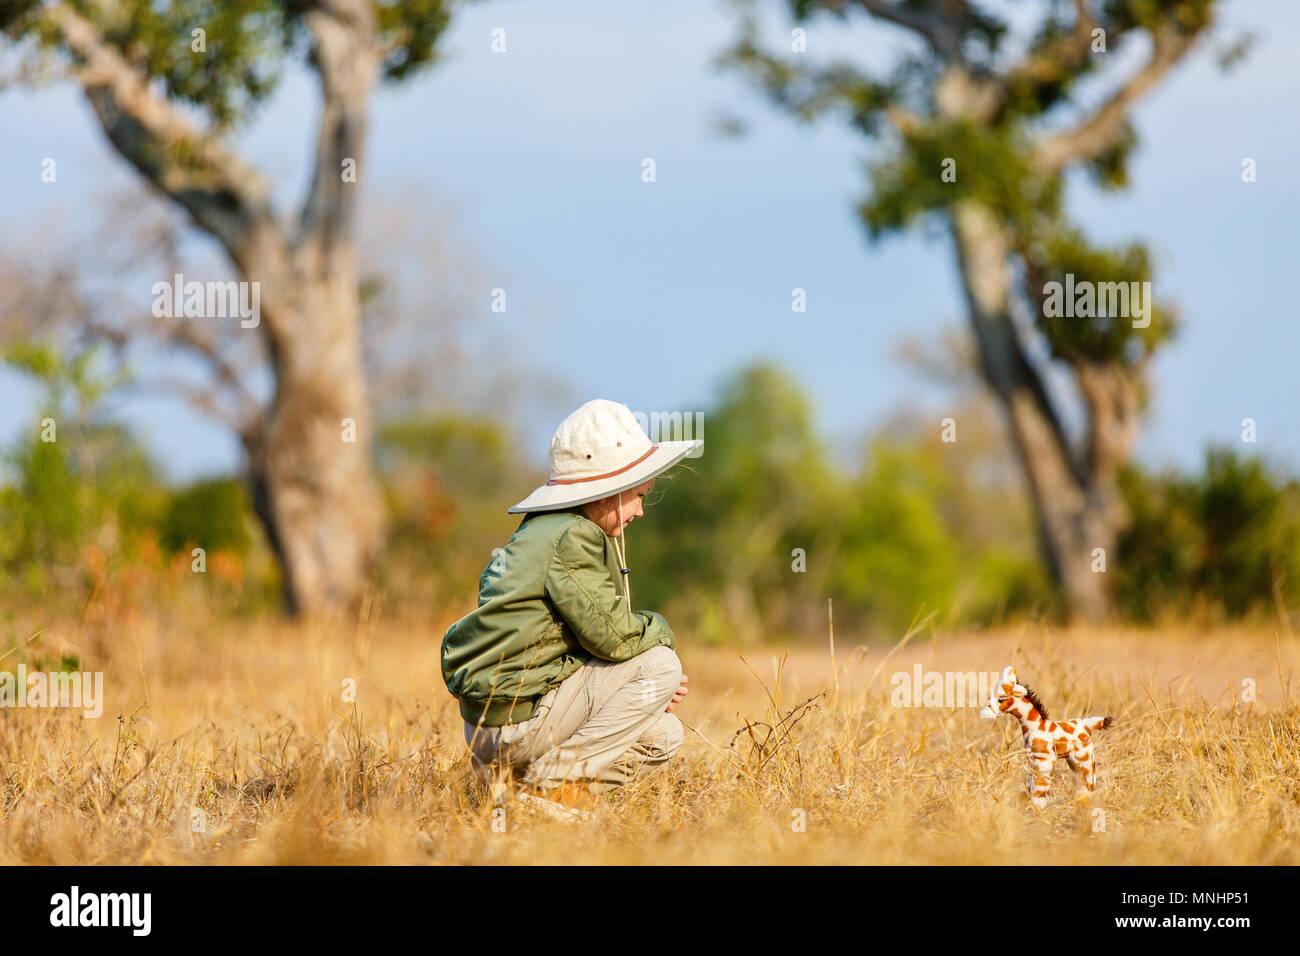 Adorabile bambina in Sud Africa safari con il giocattolo giraffe Immagini Stock